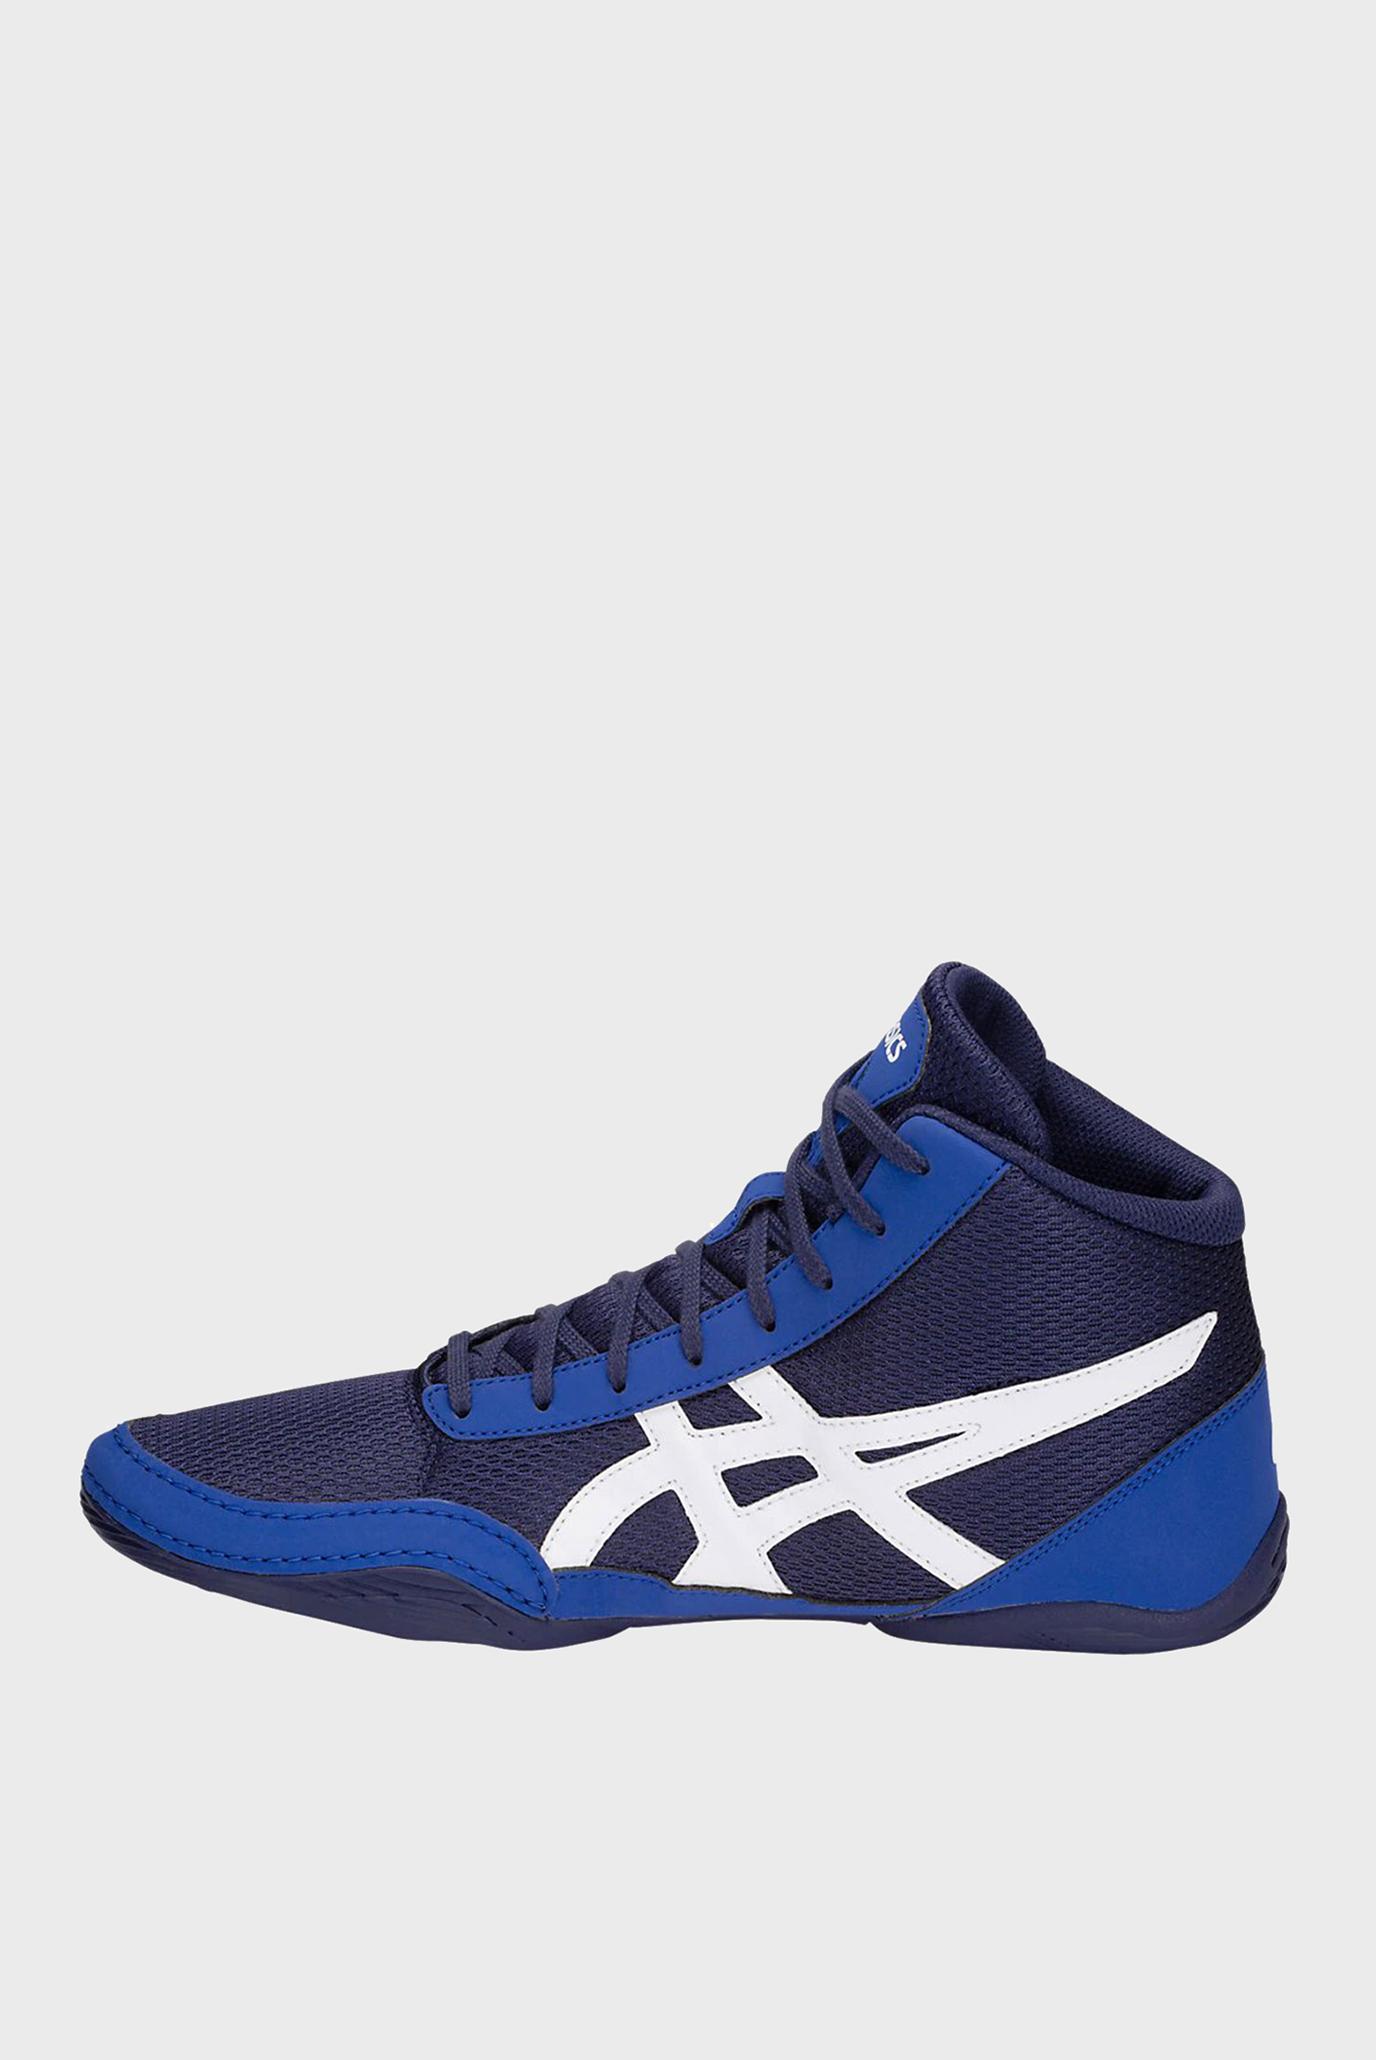 Синие кроссовки для борьбы MATFLEX 5 Asics